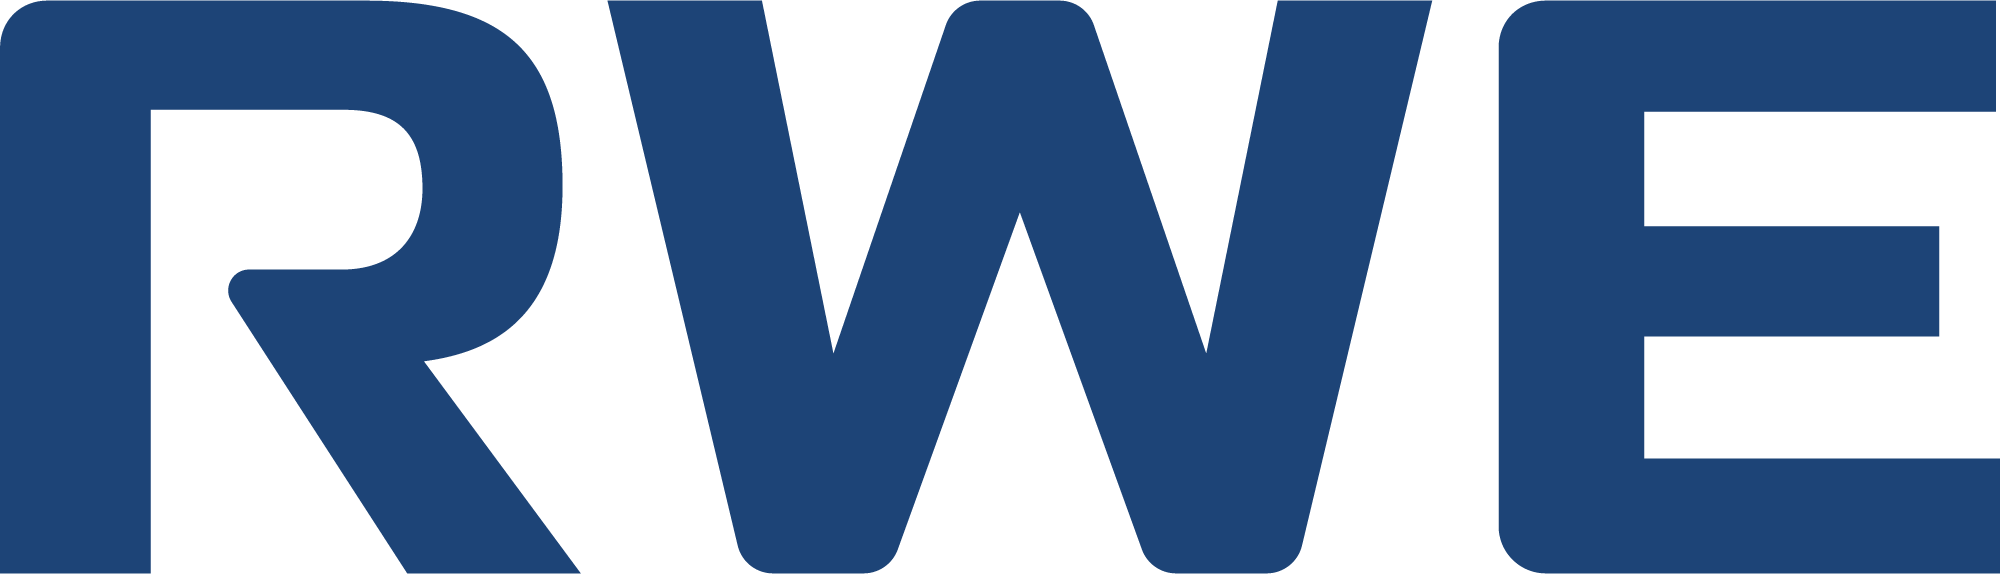 RWE_Logo-2019_Blue_sRGB